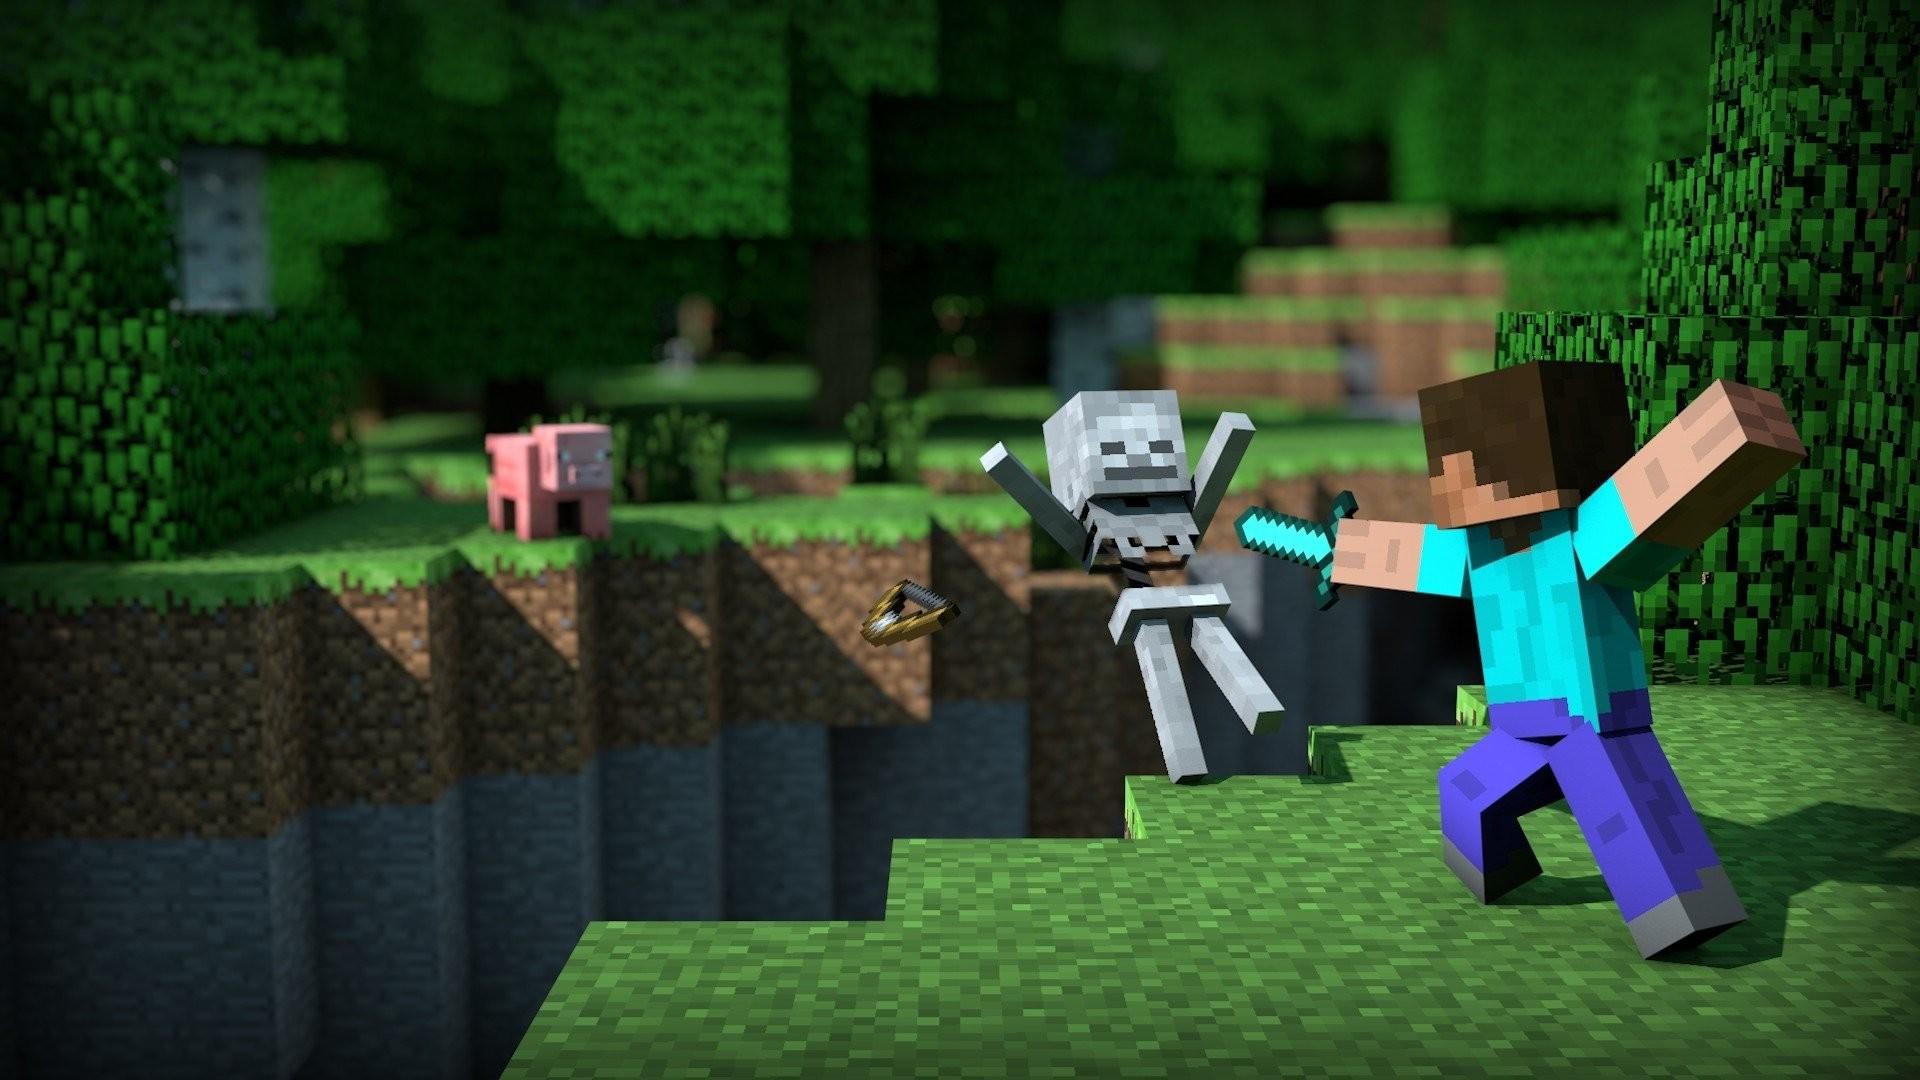 Hình nền Minecraft cuộc chiến mép vực cực đẹp